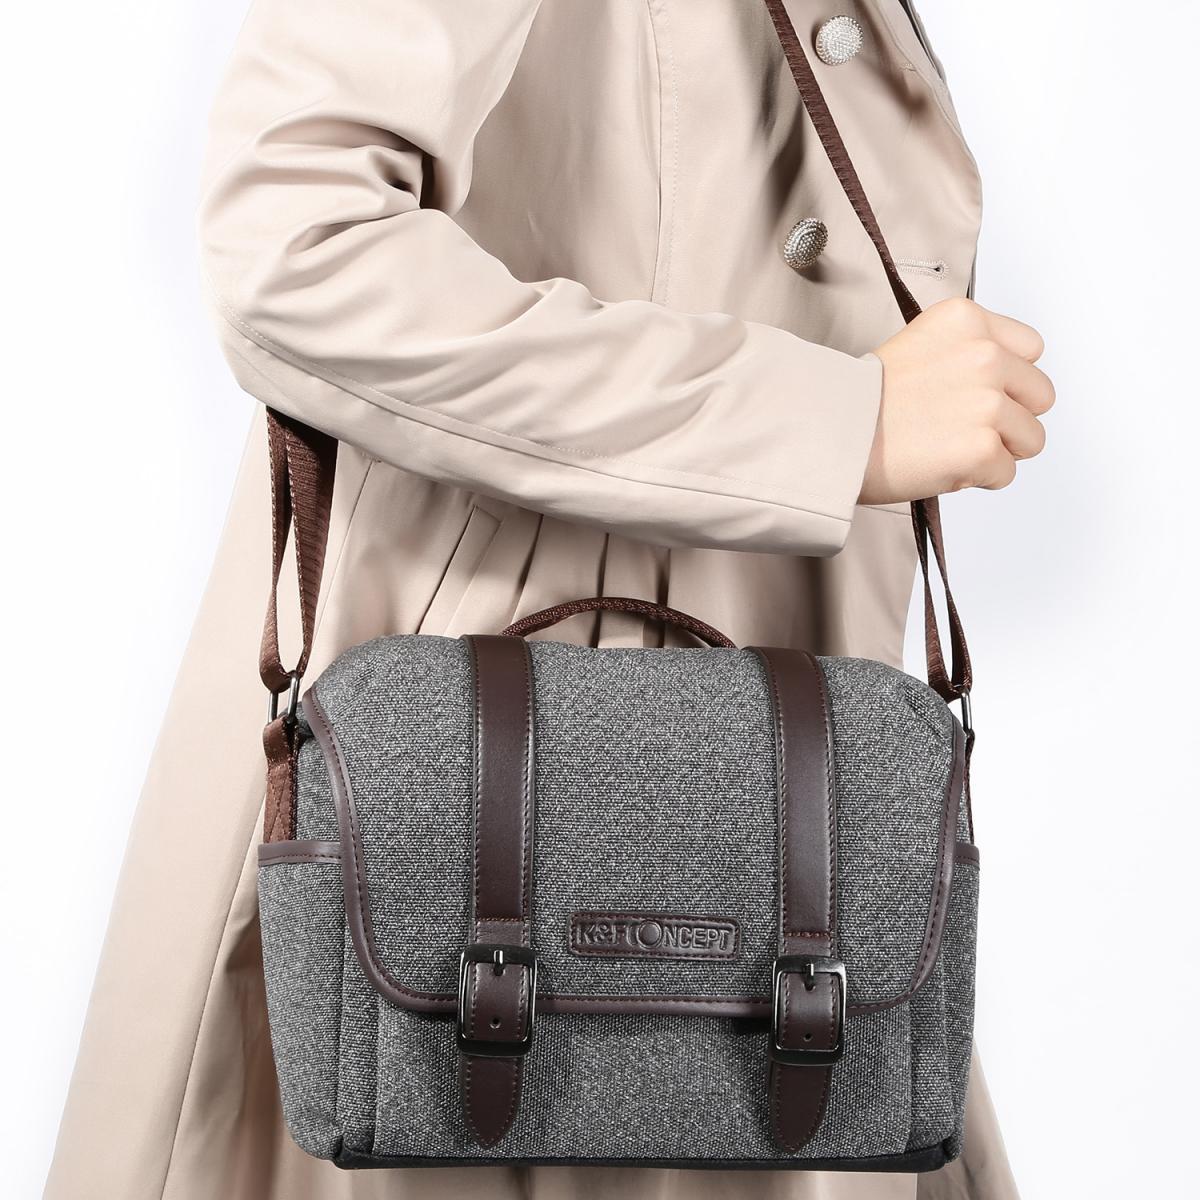 DSLR Camera Messenger Shoulder Bag Gray 9.8*5.1*8.7 inches